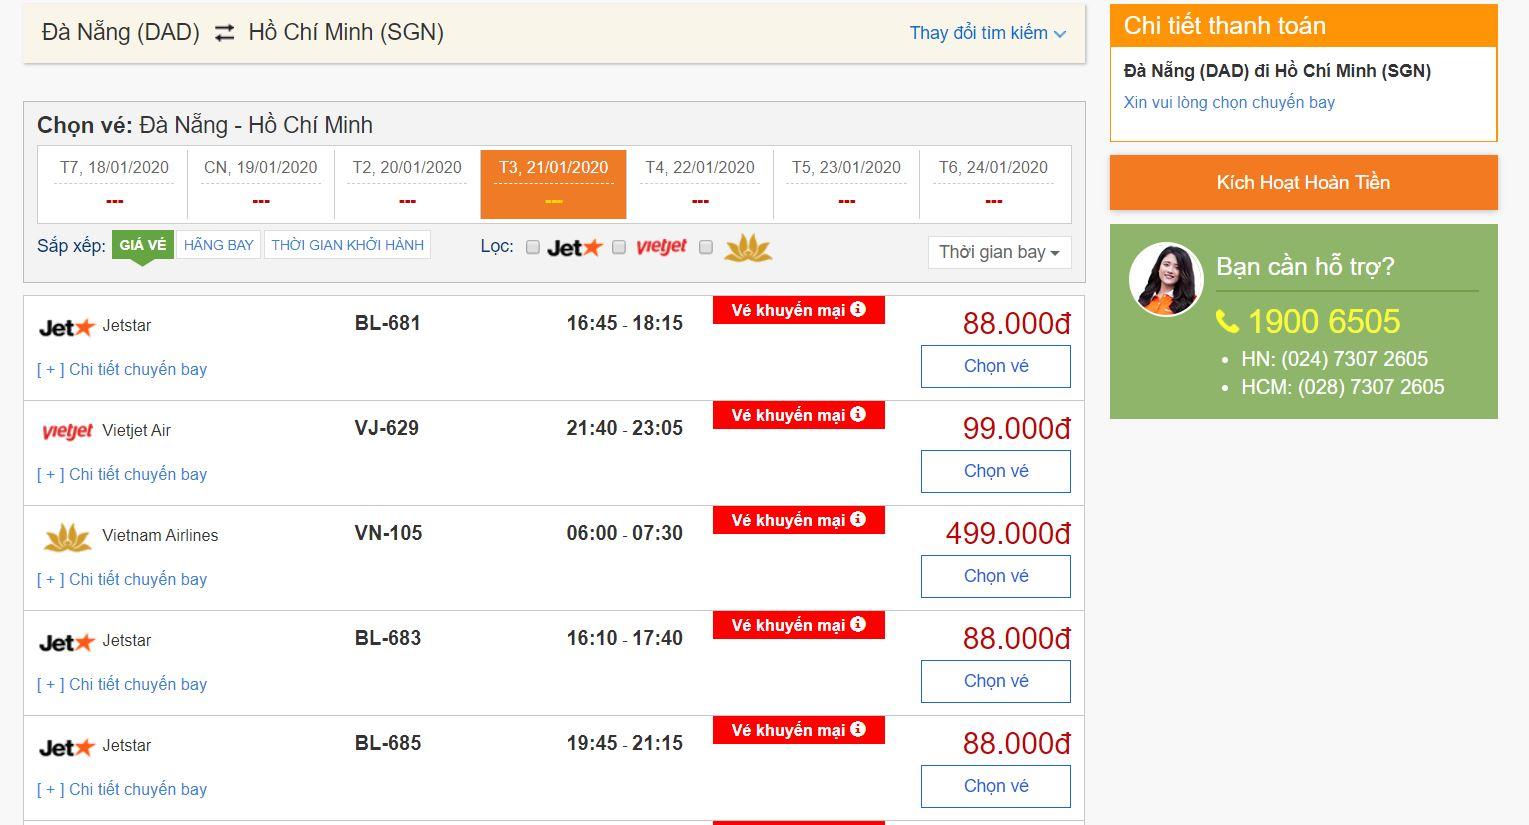 Vé máy bay giá rẻ Tết 2020 được cập nhật liên tục tại bestprice.vn